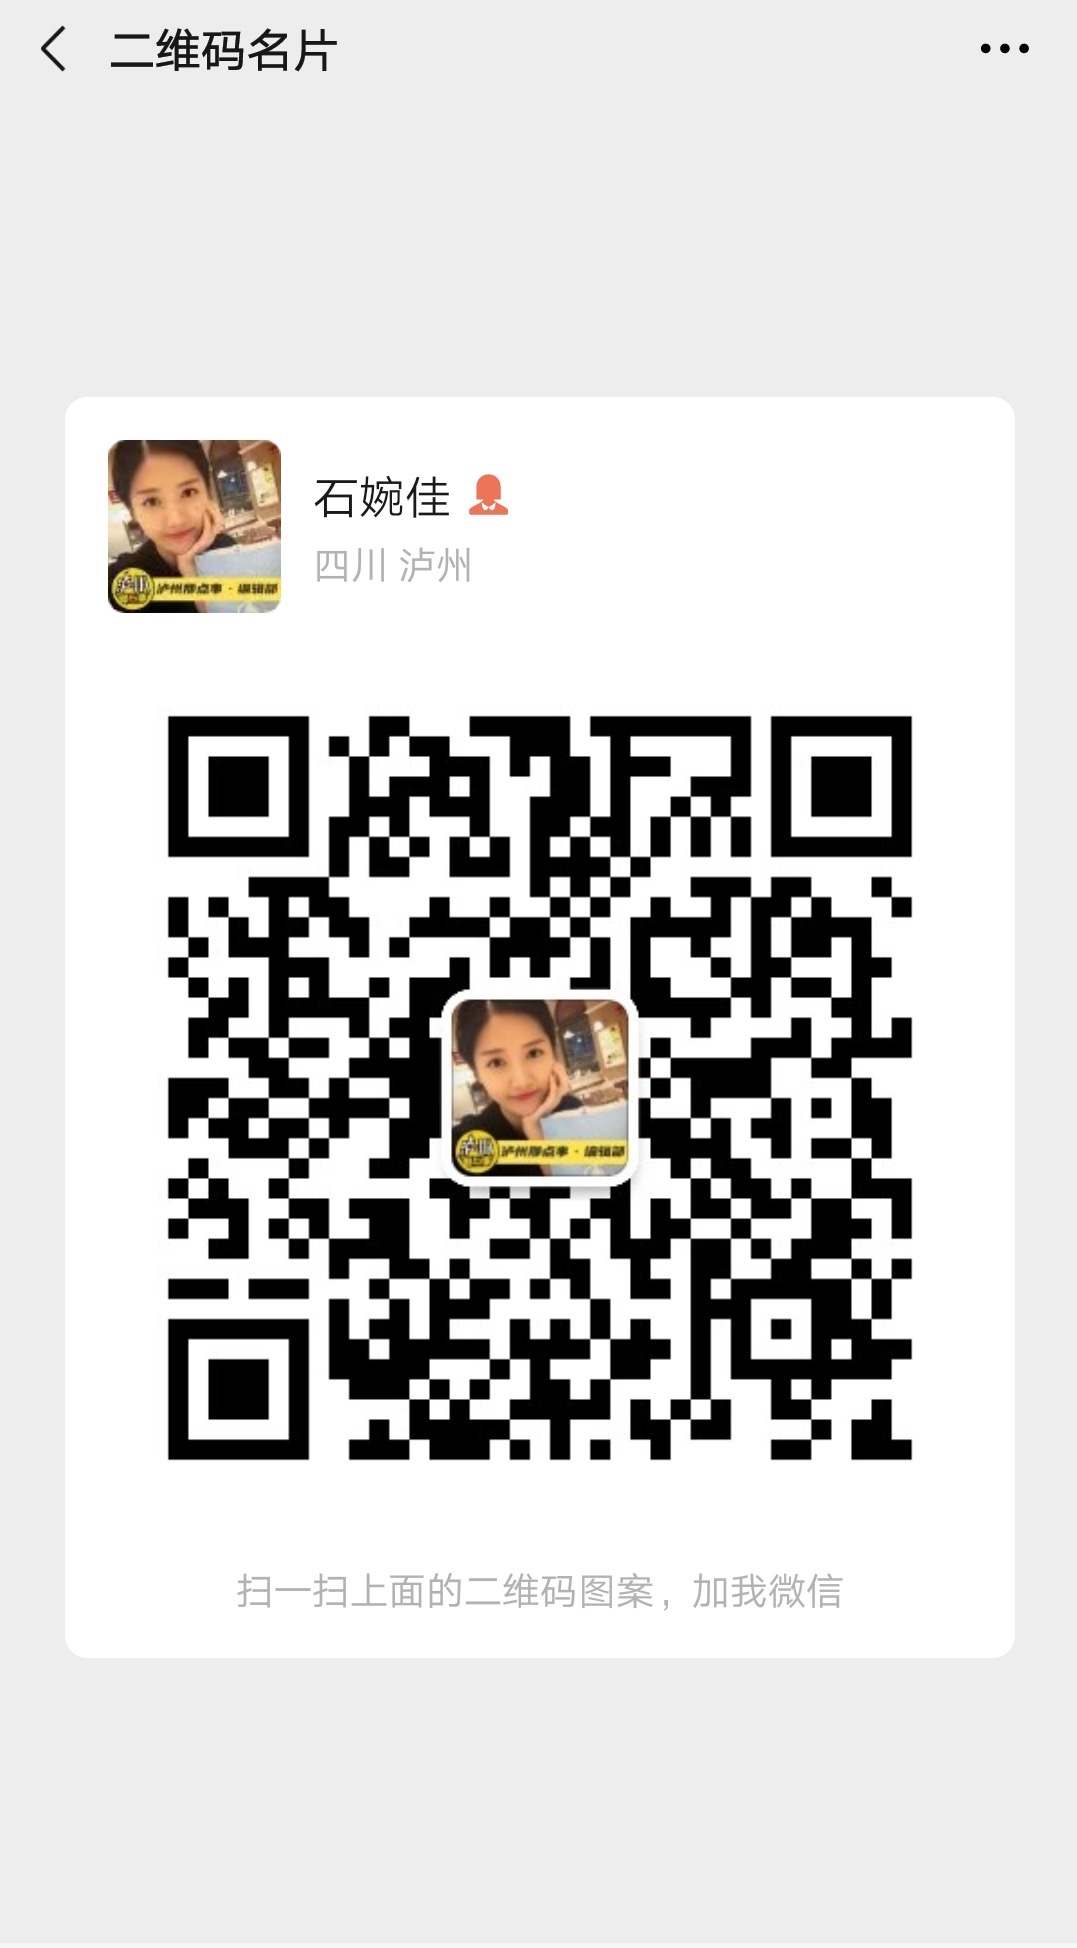 微信图片_20210218171222.jpg